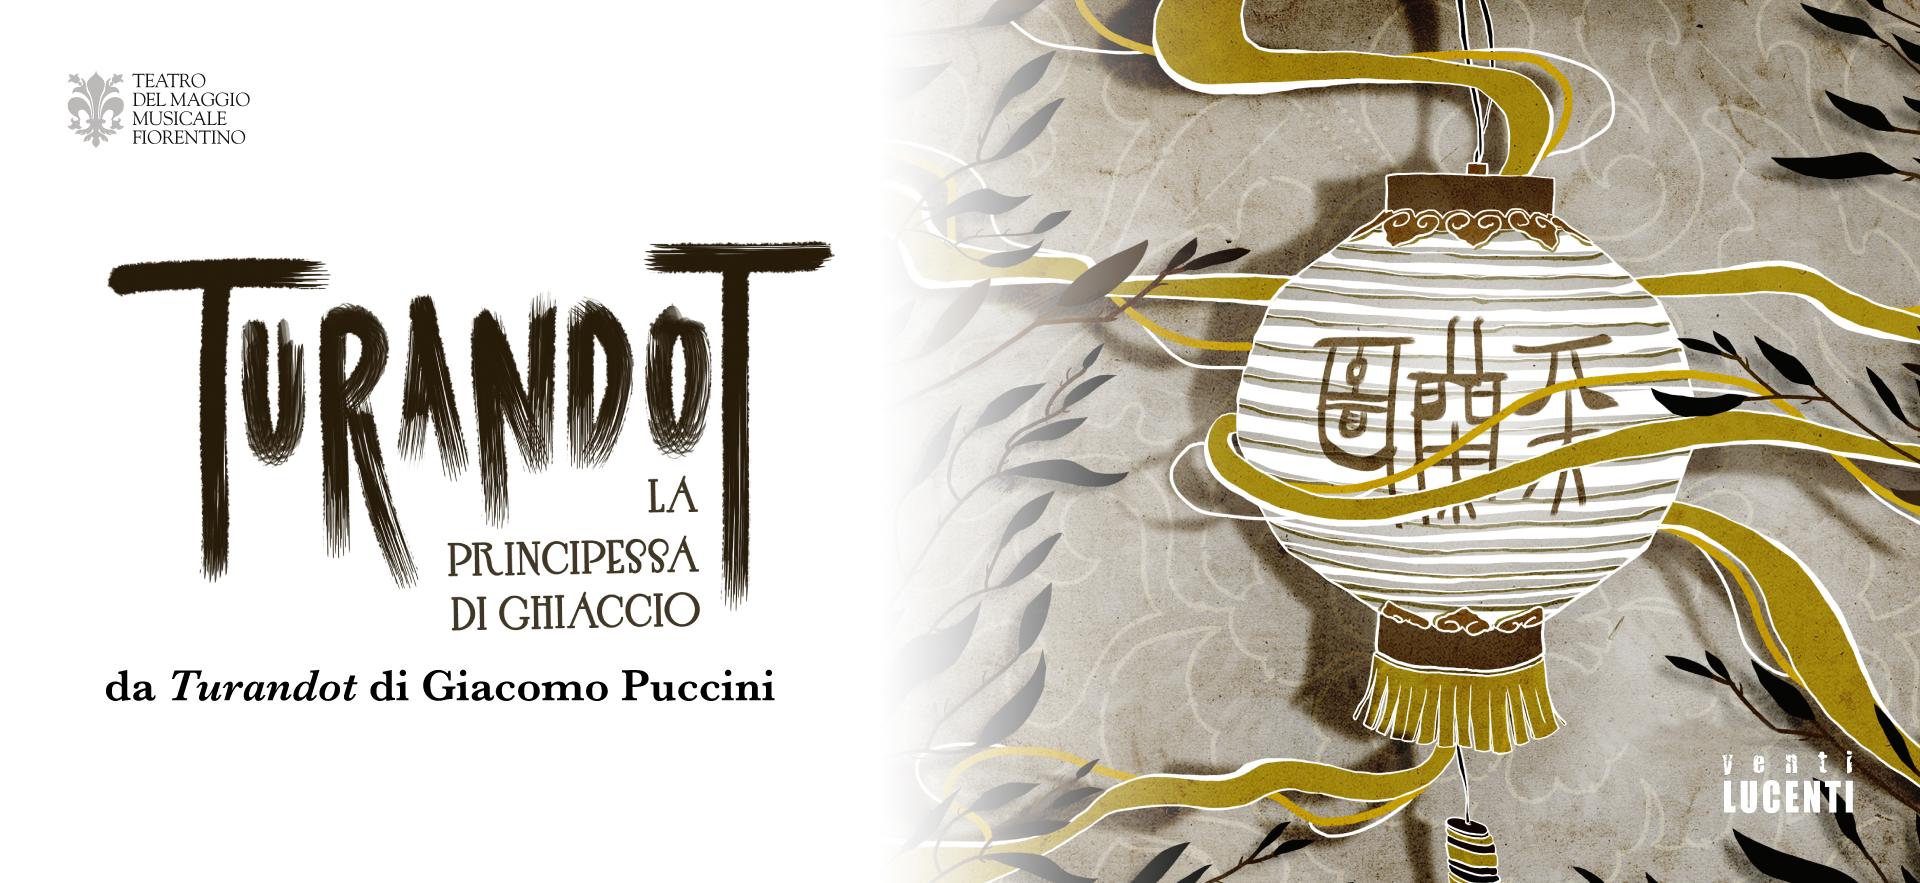 Turandot la principessa di ghiaccio 2012